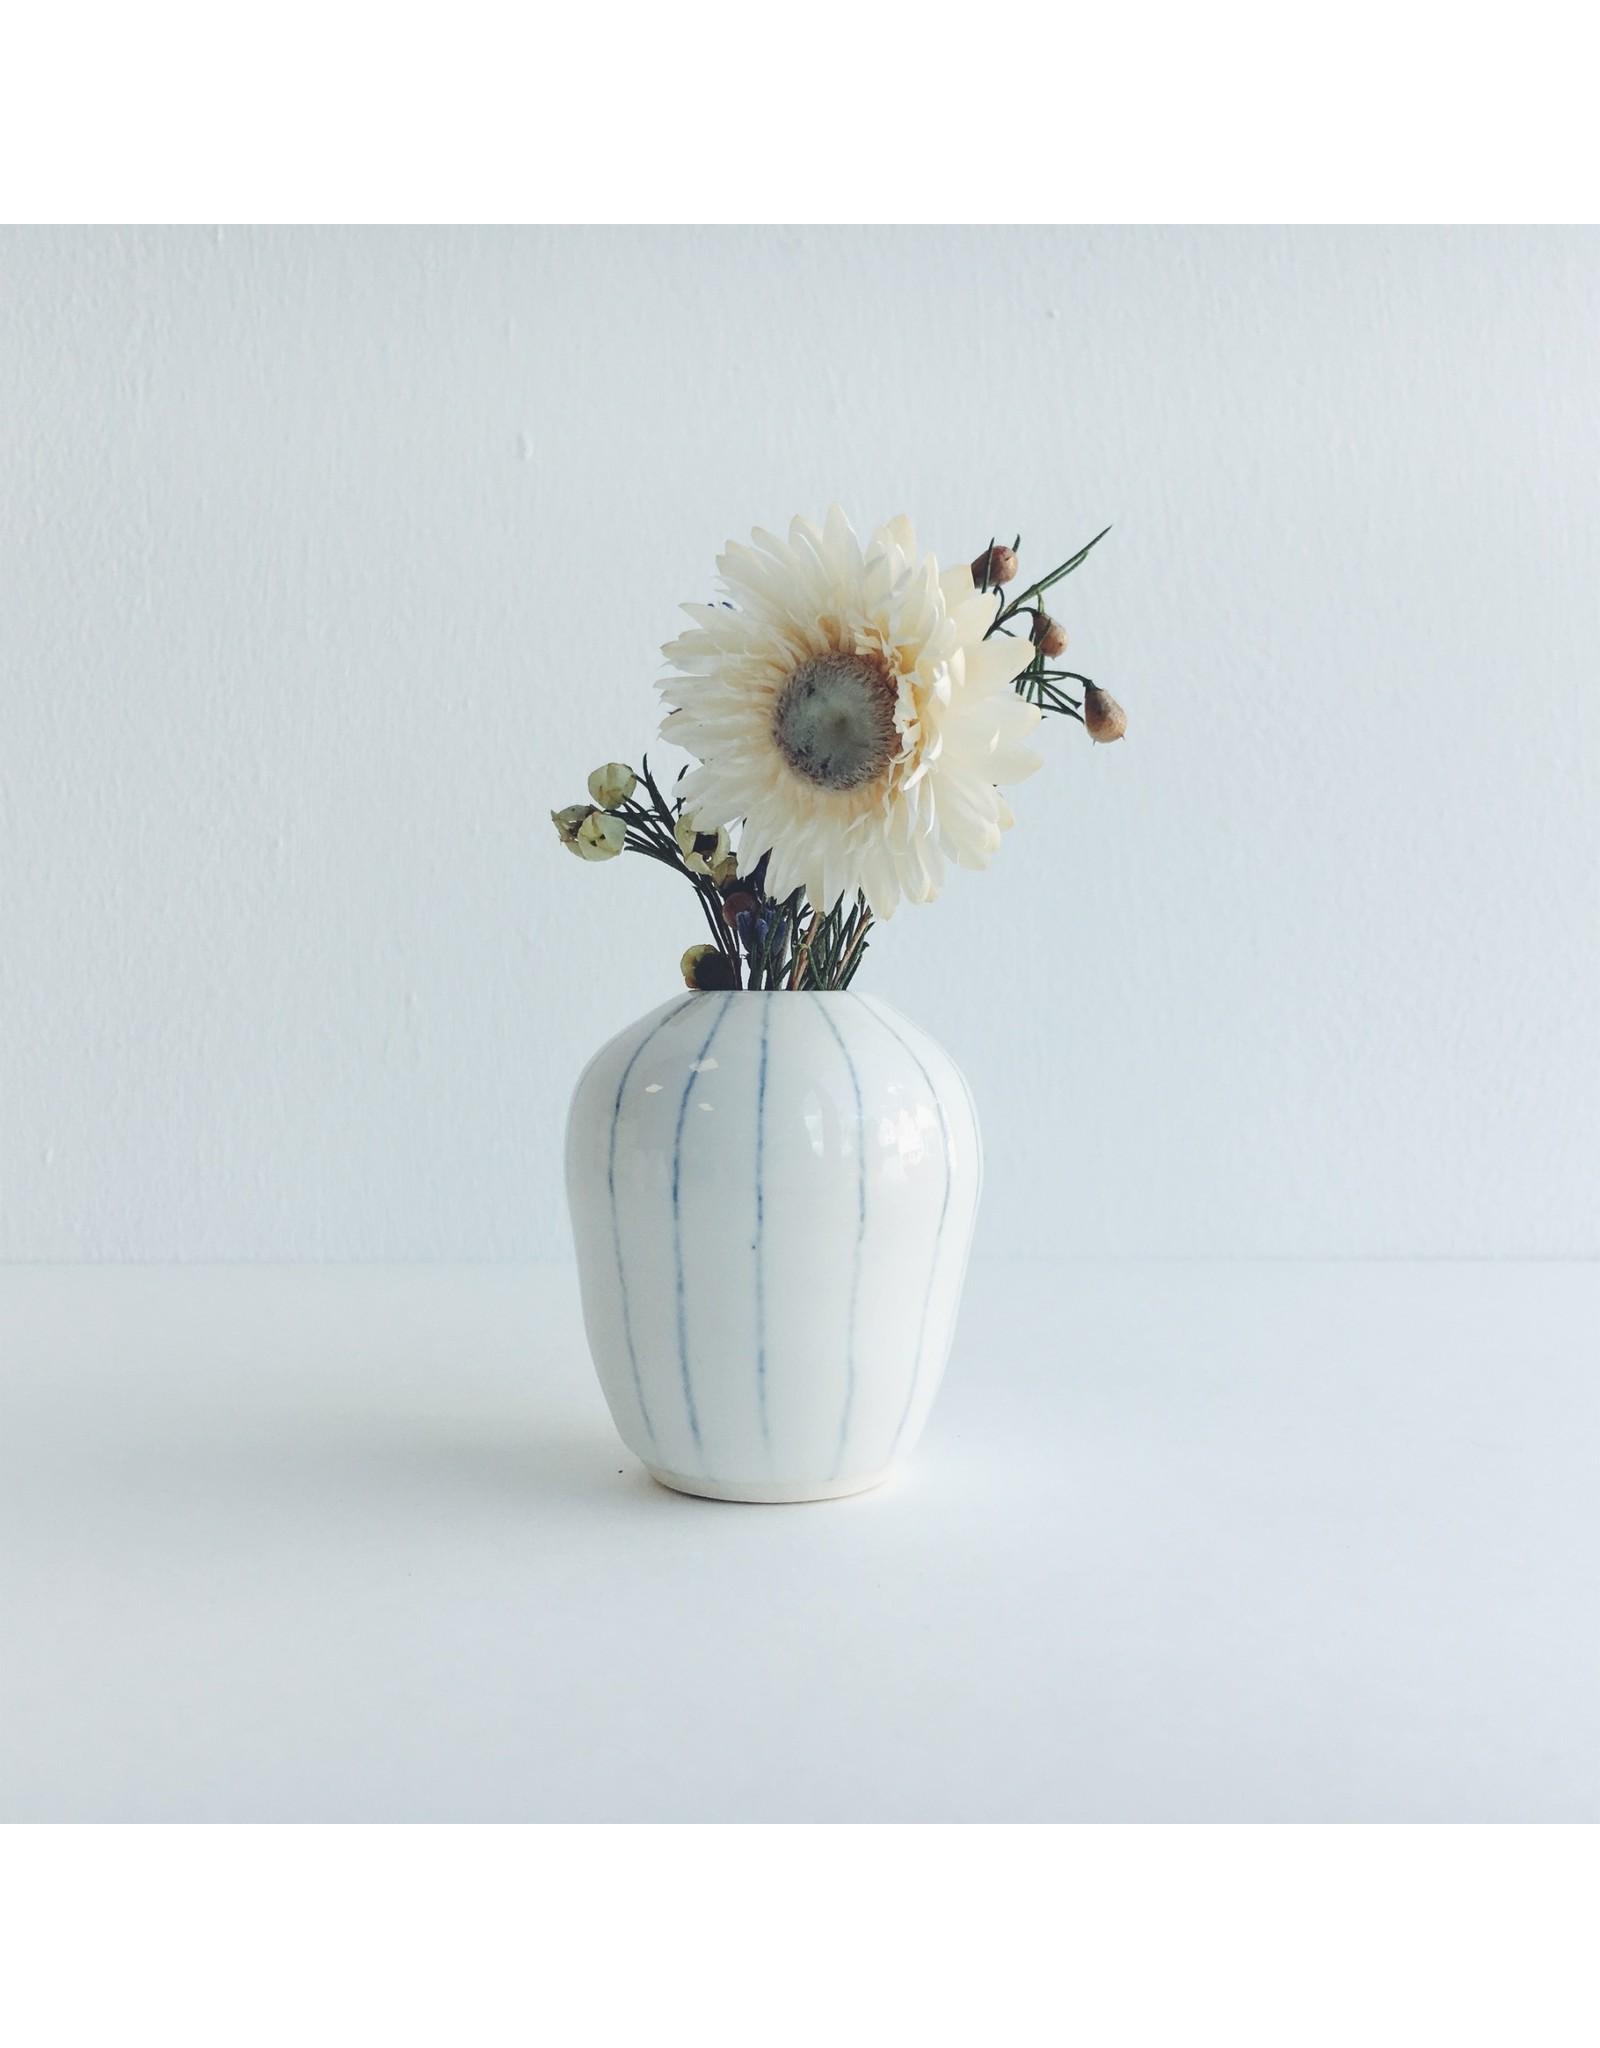 Miniature Porcelain Vase